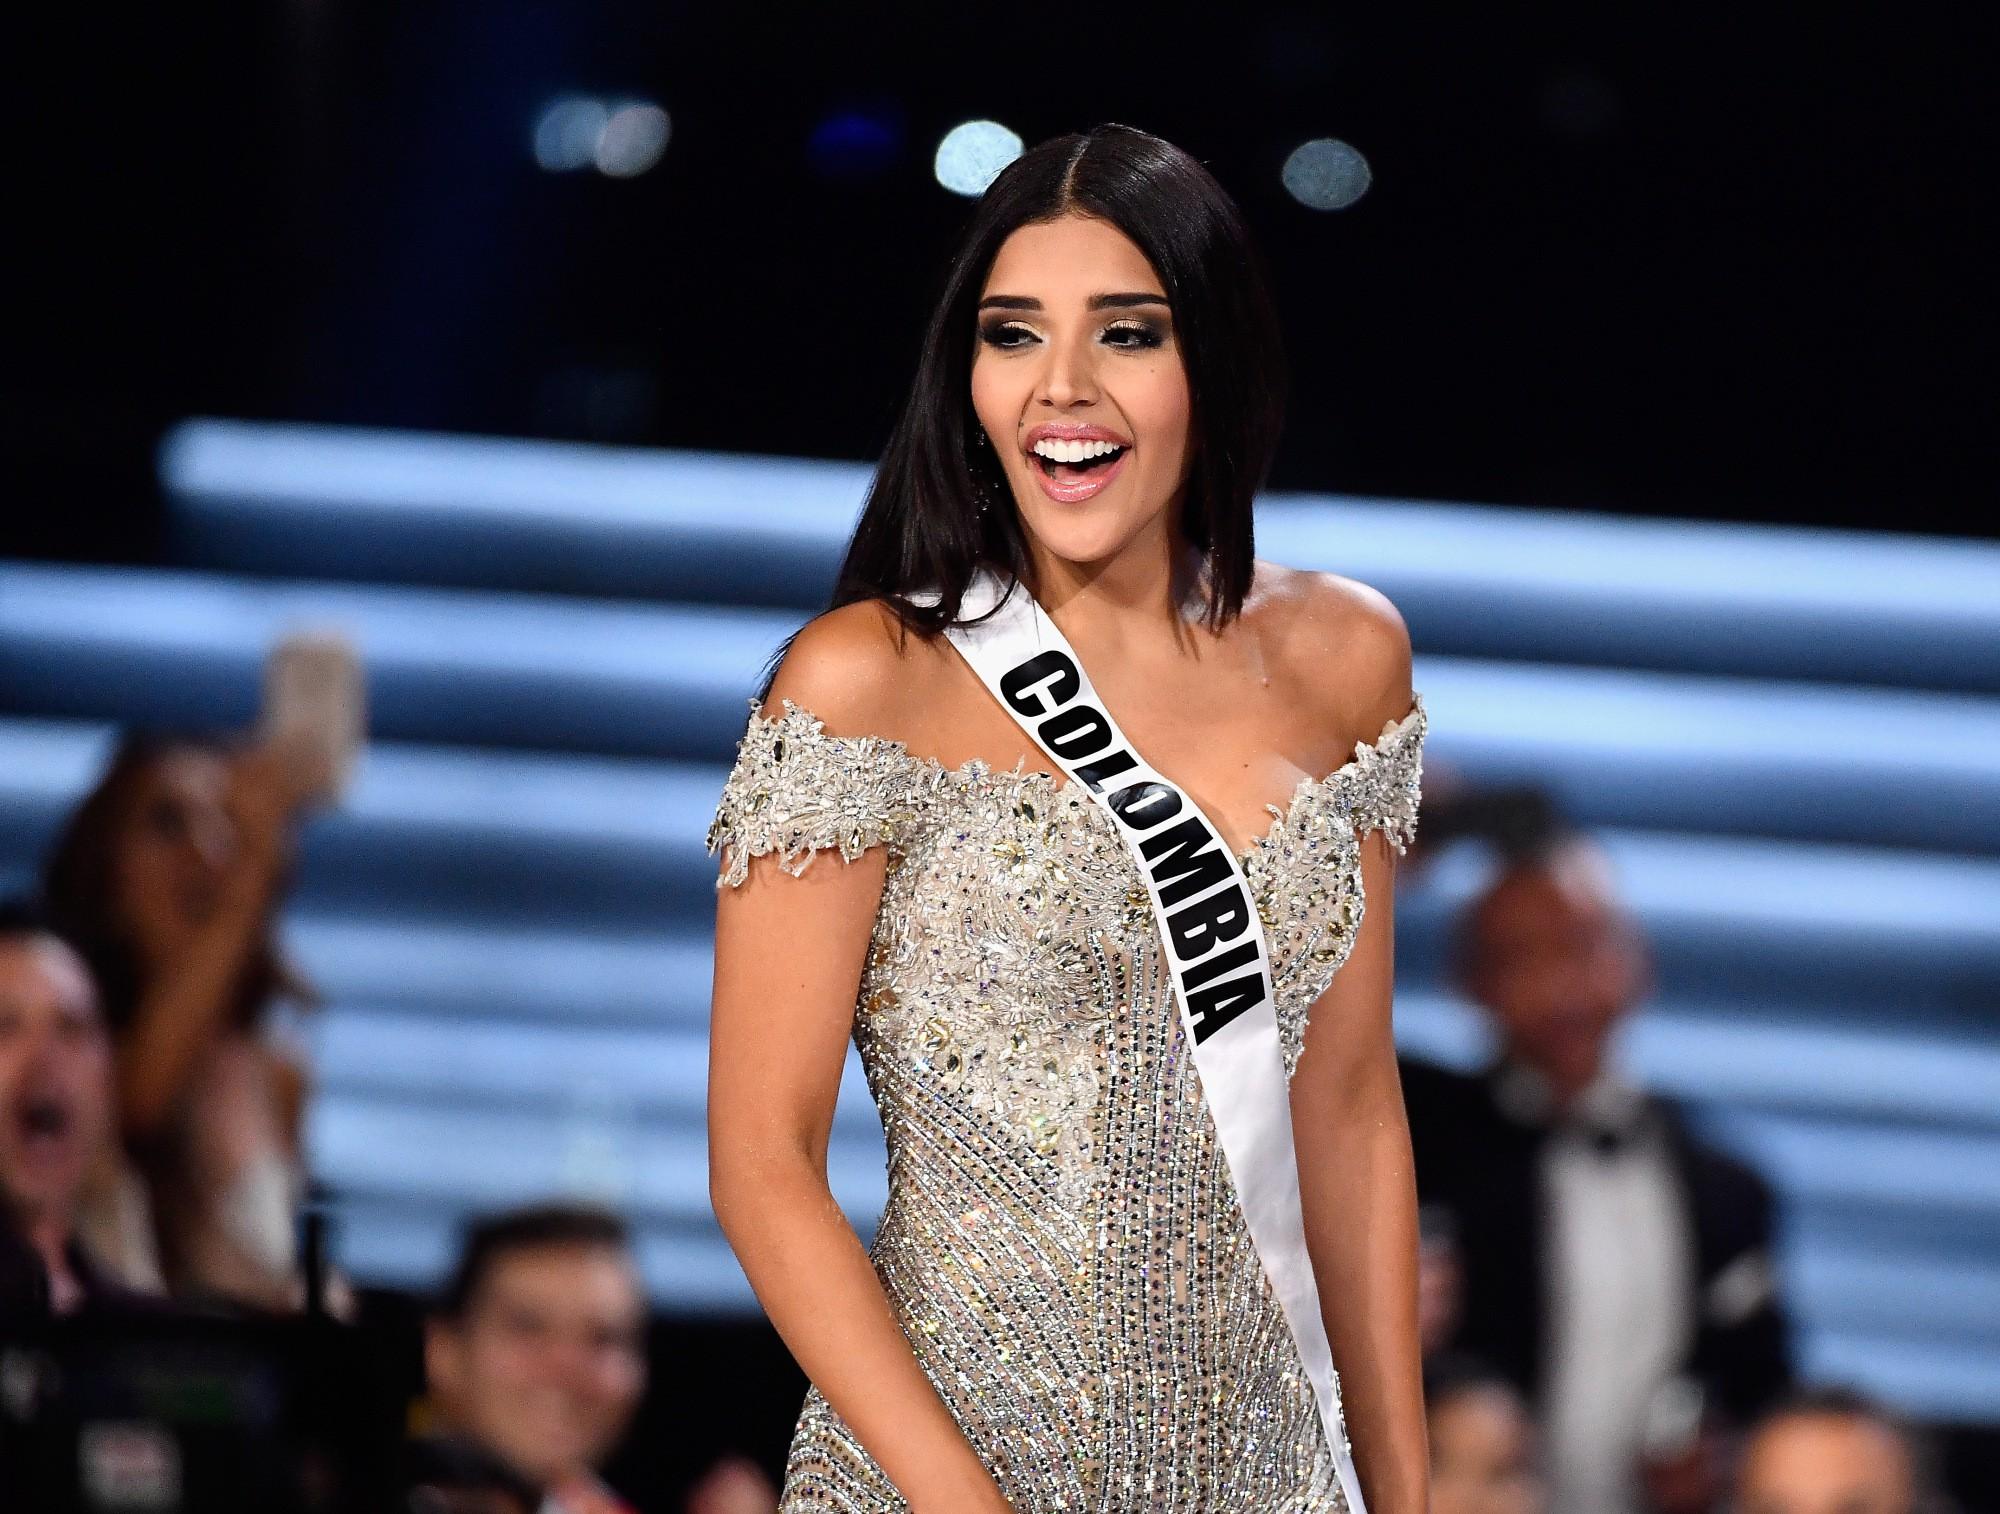 Những quốc gia đang là con cưng của Hoa hậu Hoàn vũ - Ảnh 11.